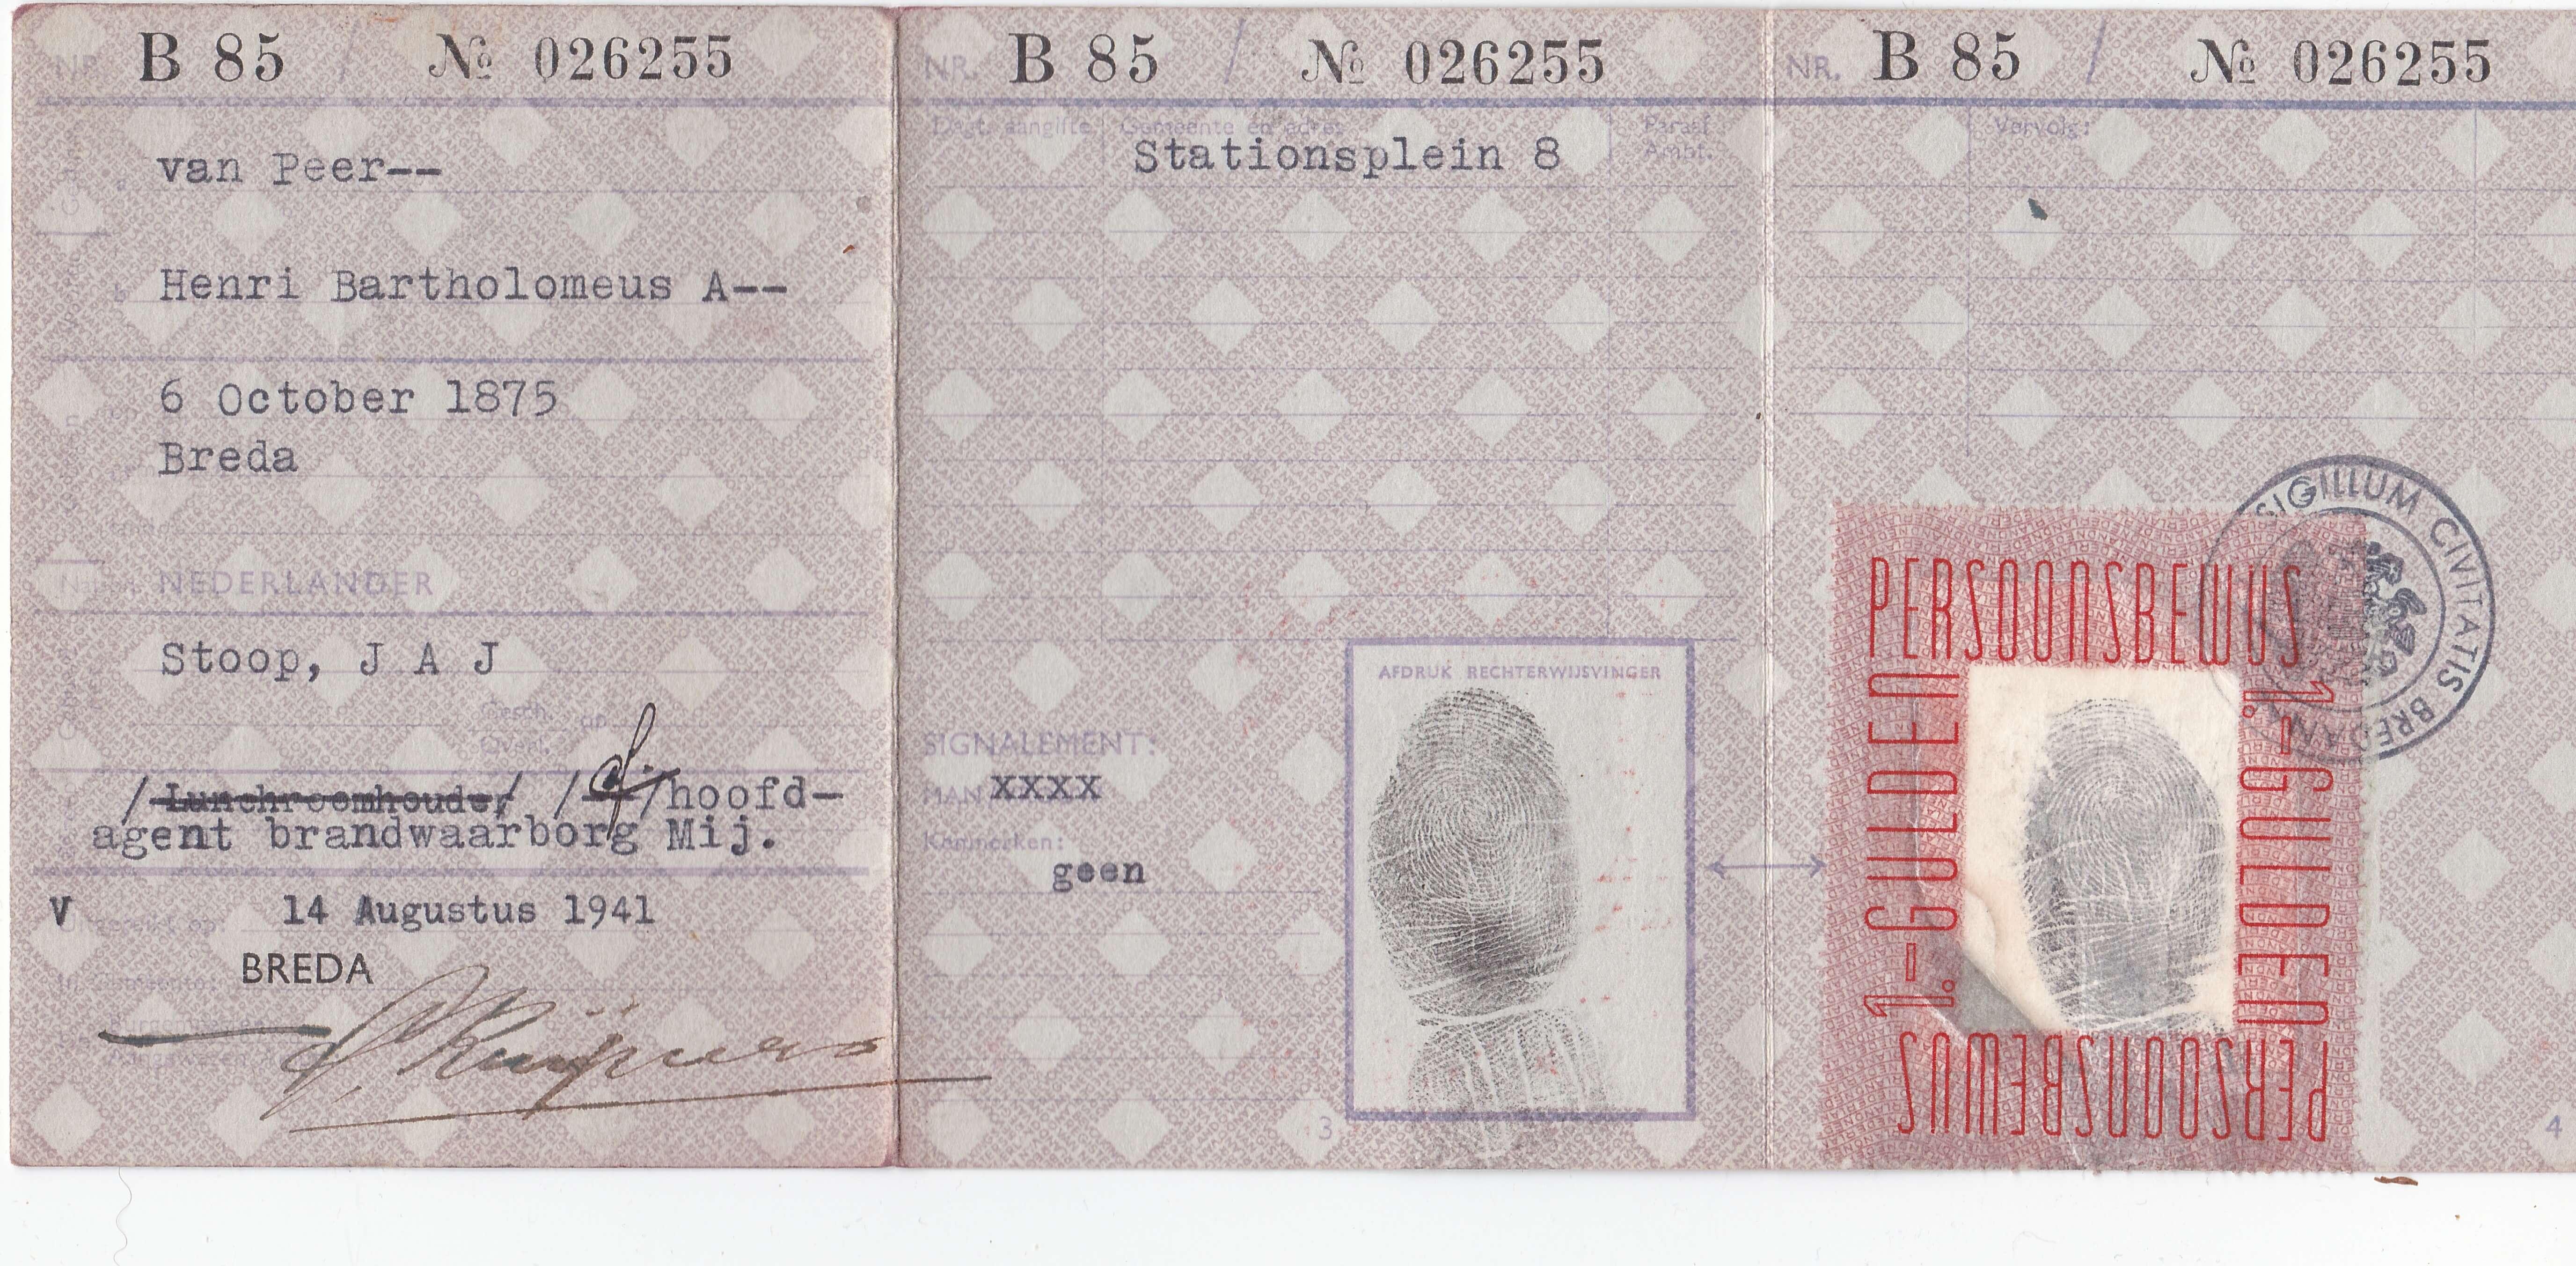 Persoonsbewijs uit de tweede wereldoorlog van Henri Bartholomeus van Peer